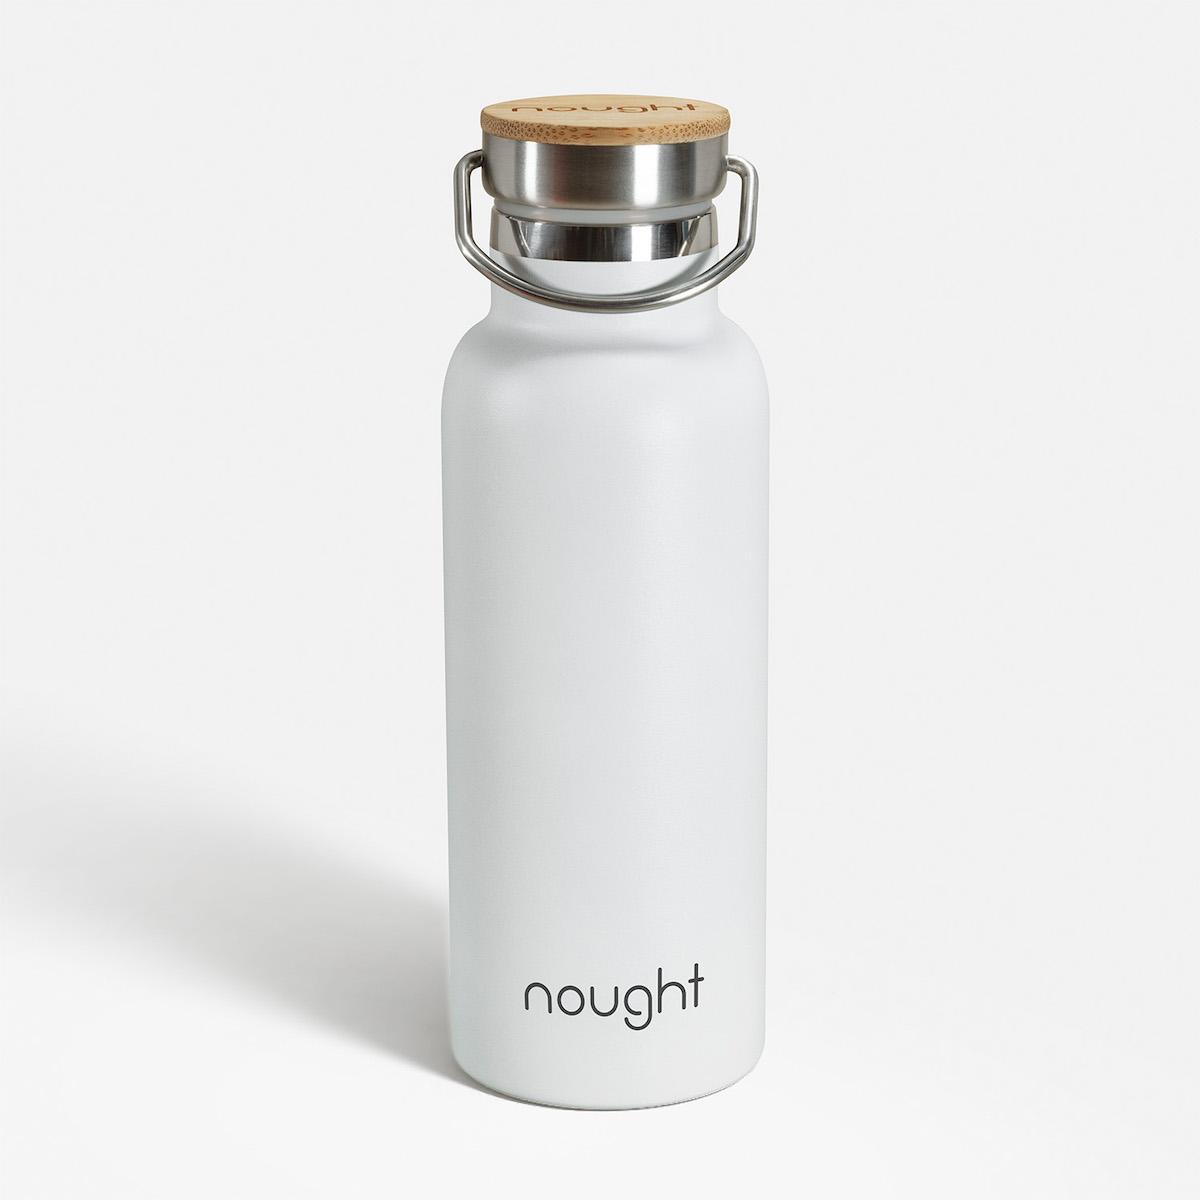 Nought reusable bottle